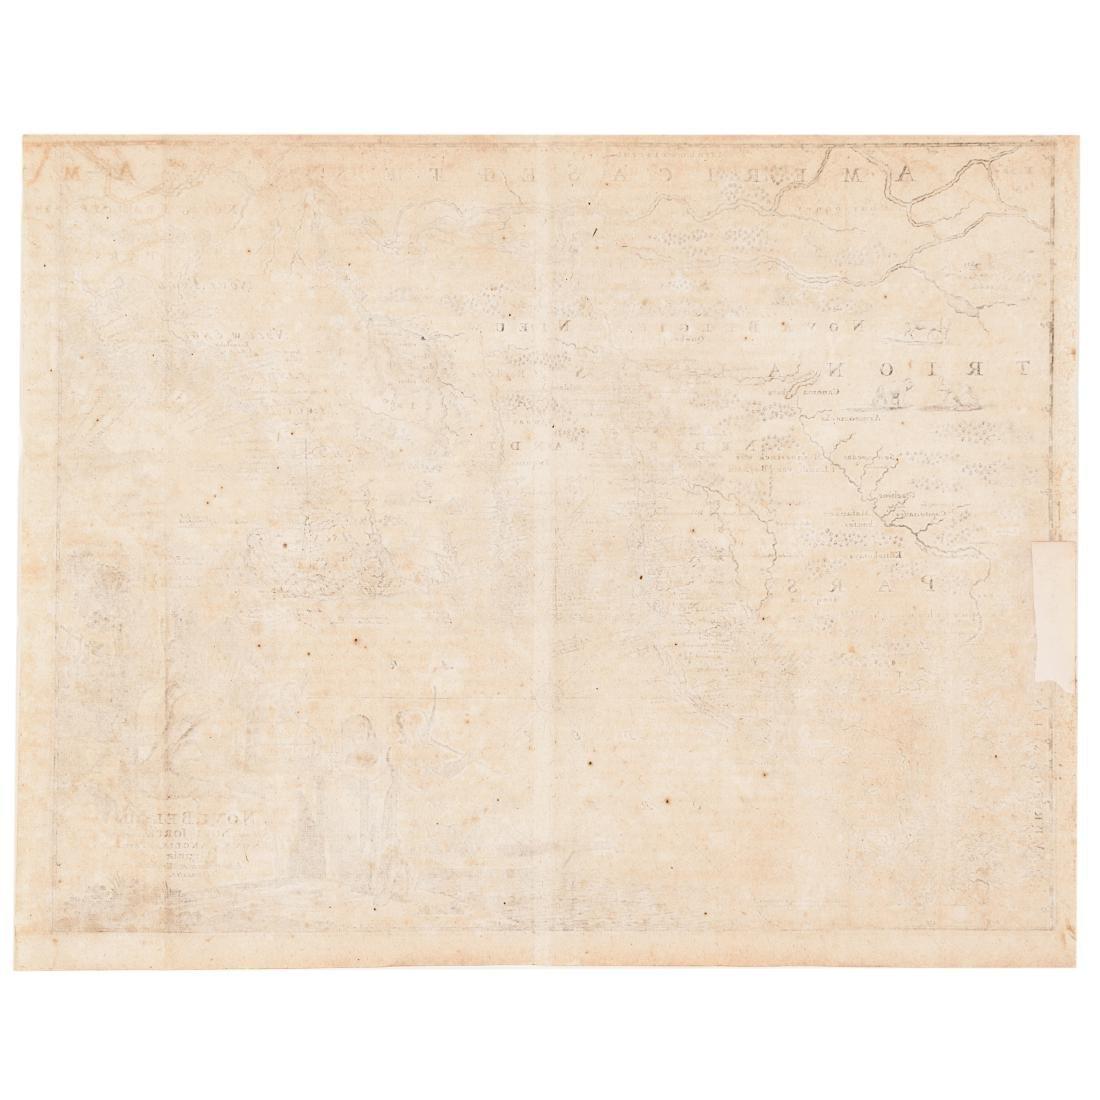 c 1670 North America Map: NOVI BELGII, QUOD NUNC NOVI - 2